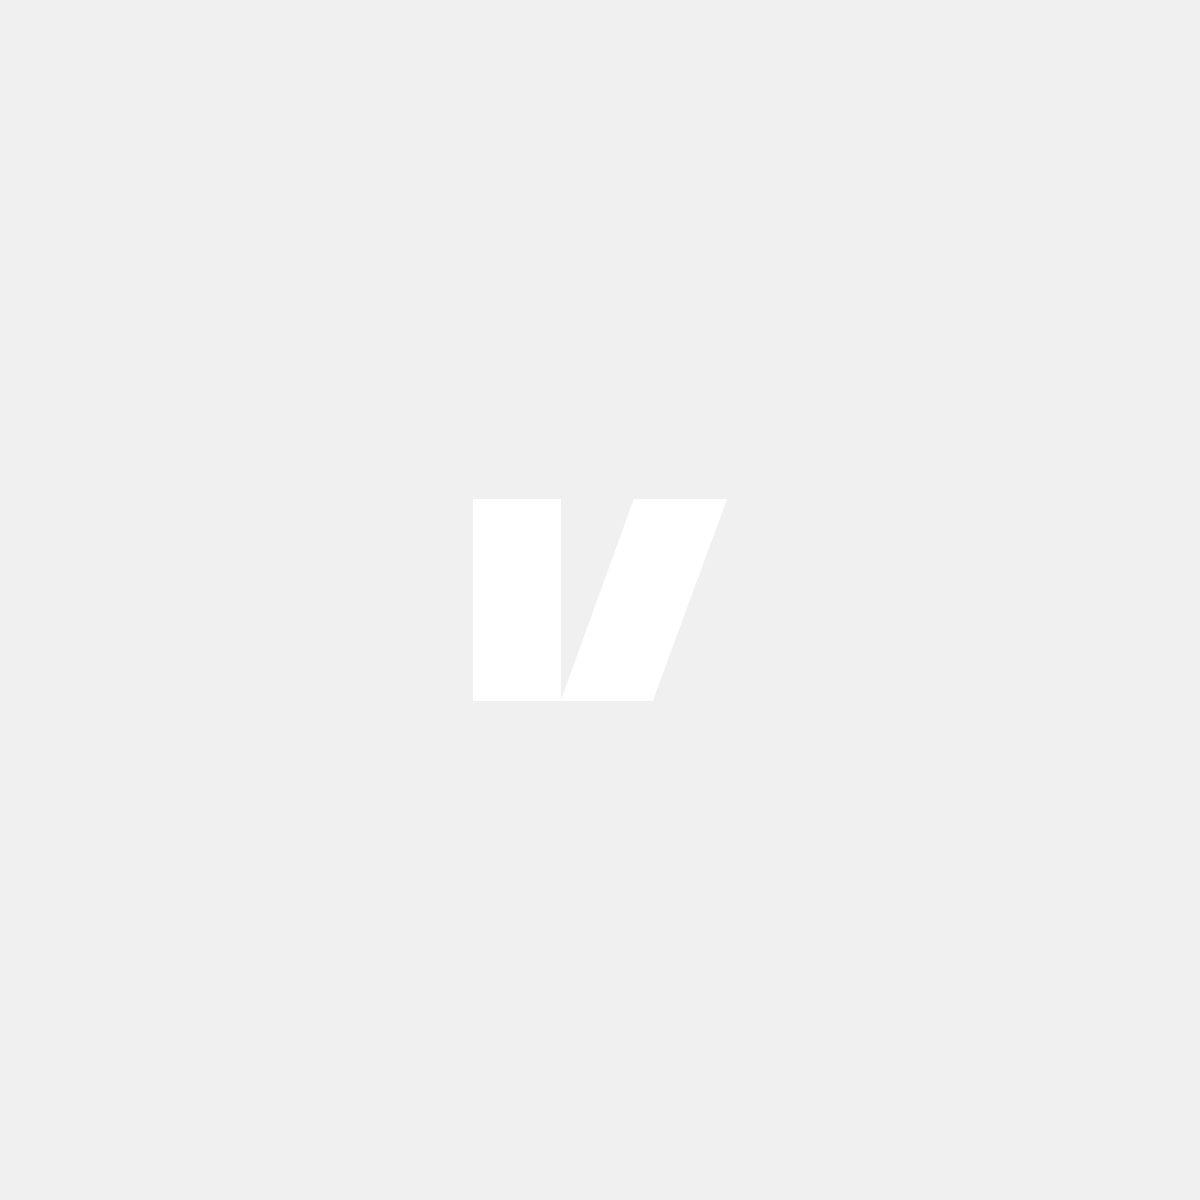 Helvitt bakljus till Volvo 745, 945, 965, V90, passagerarsidan